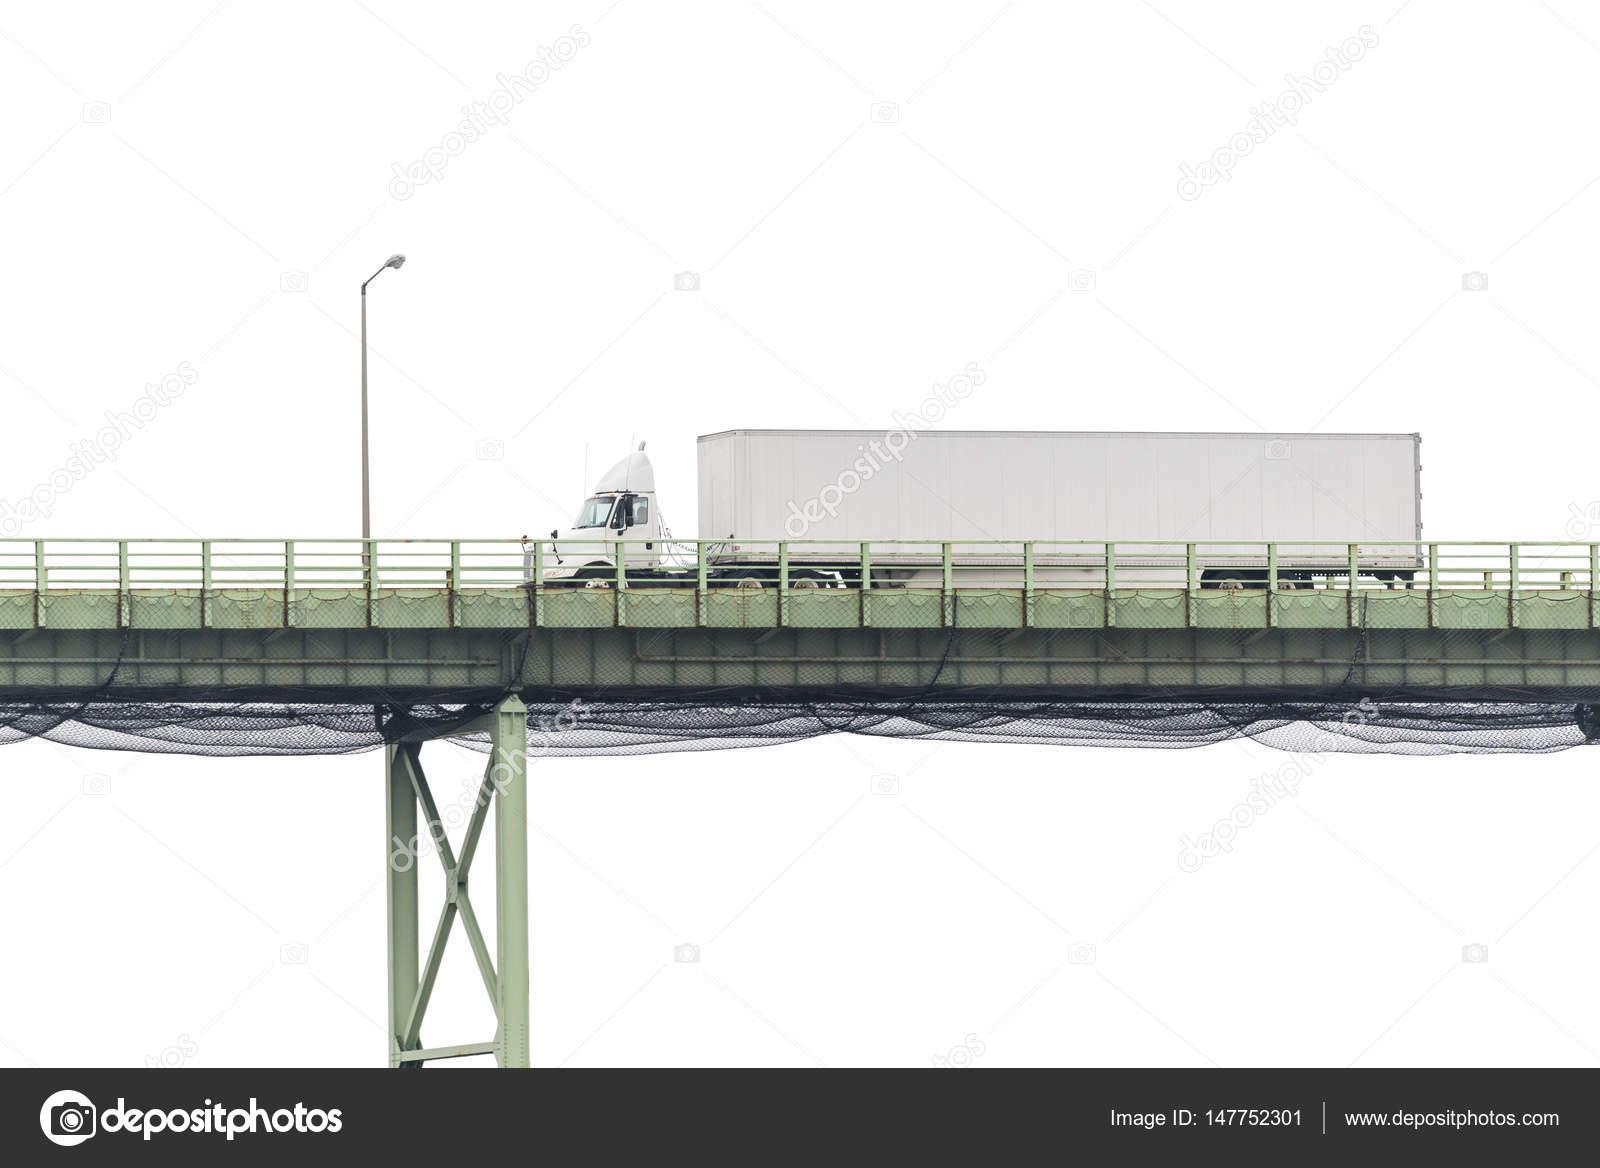 Weißen Sattelschlepper überqueren einer Brücke, Isolated on White ...